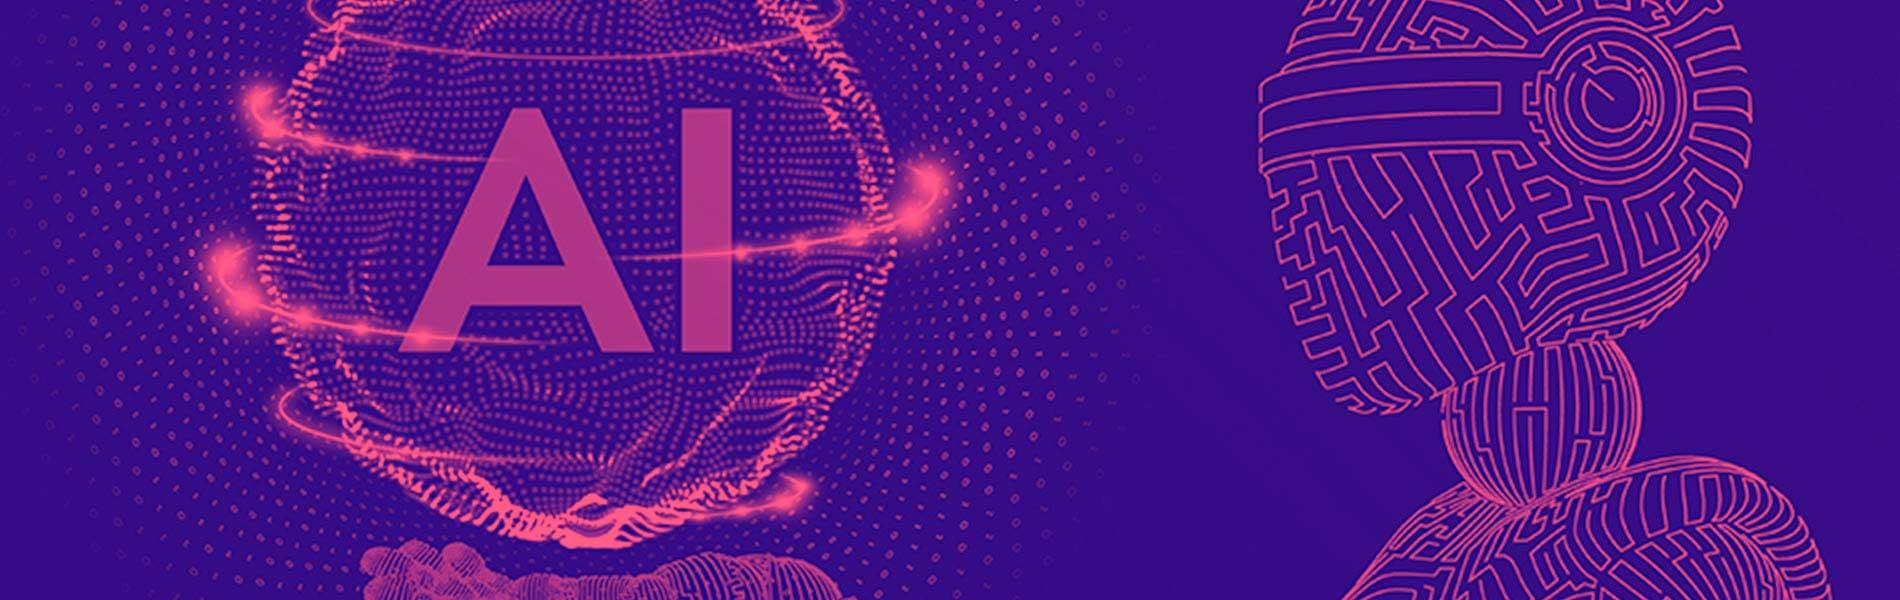 Estudiar inteligencia artificial: ¿Cómo y dónde hacerlo?